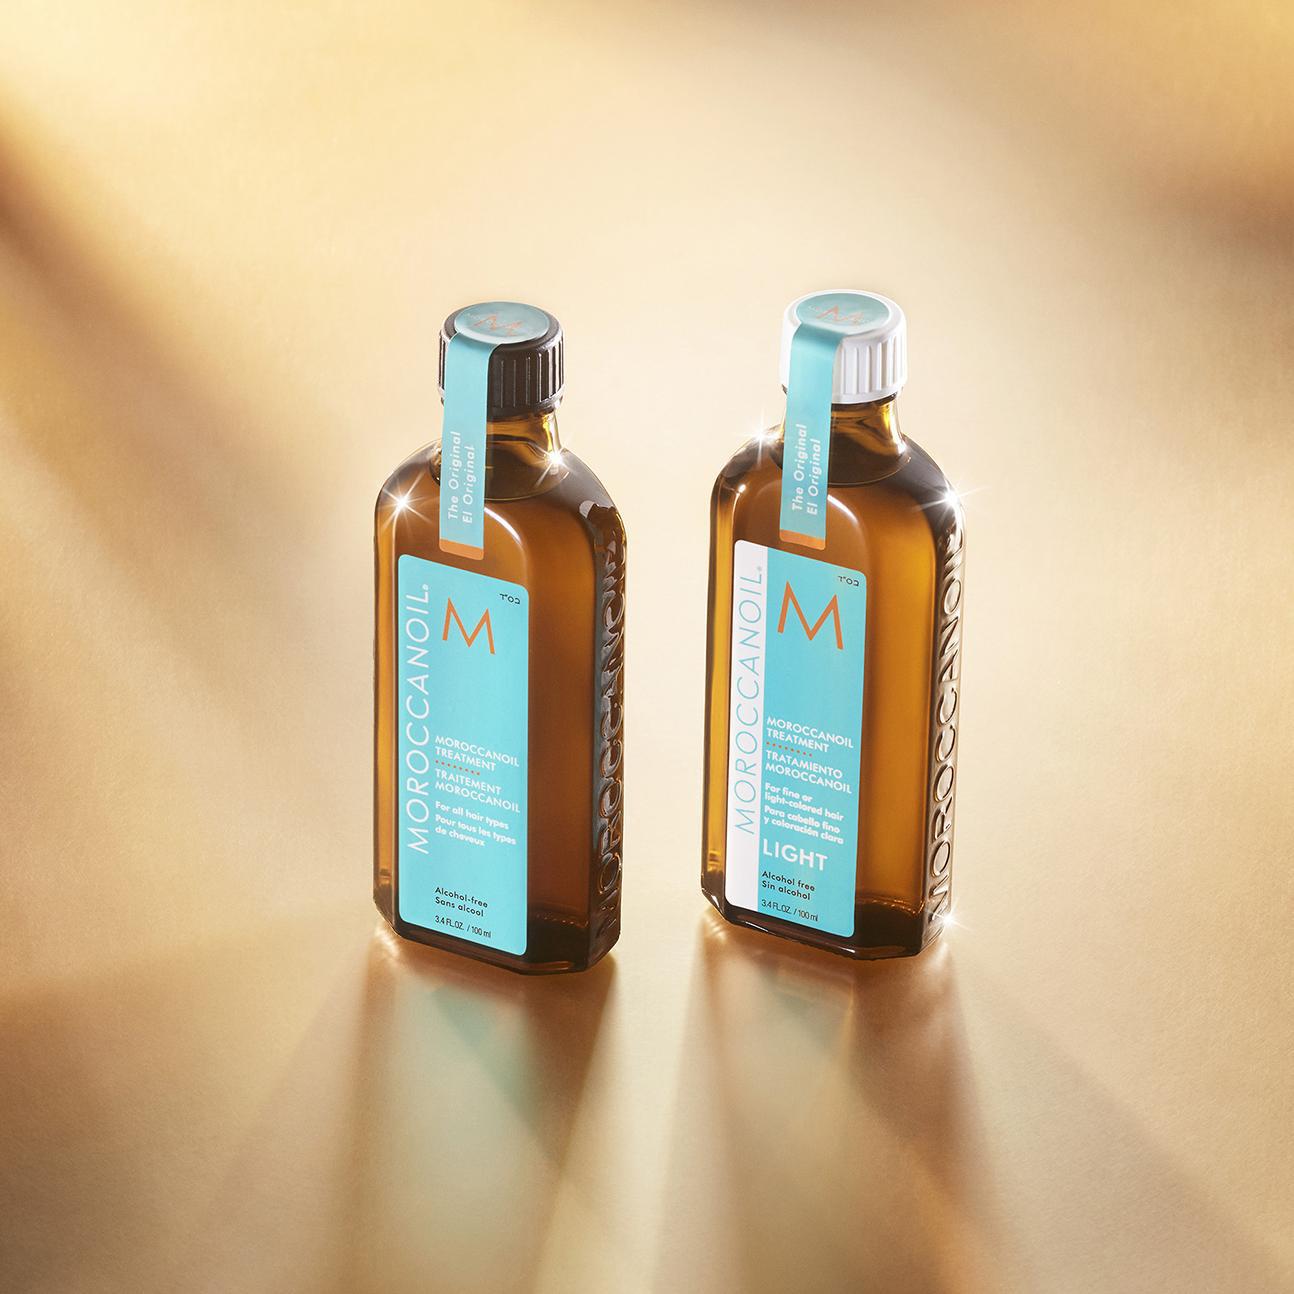 Dầu dưỡng tóc Moroccanoil tăng độ óng ả lên đến 118% - Ảnh 1.